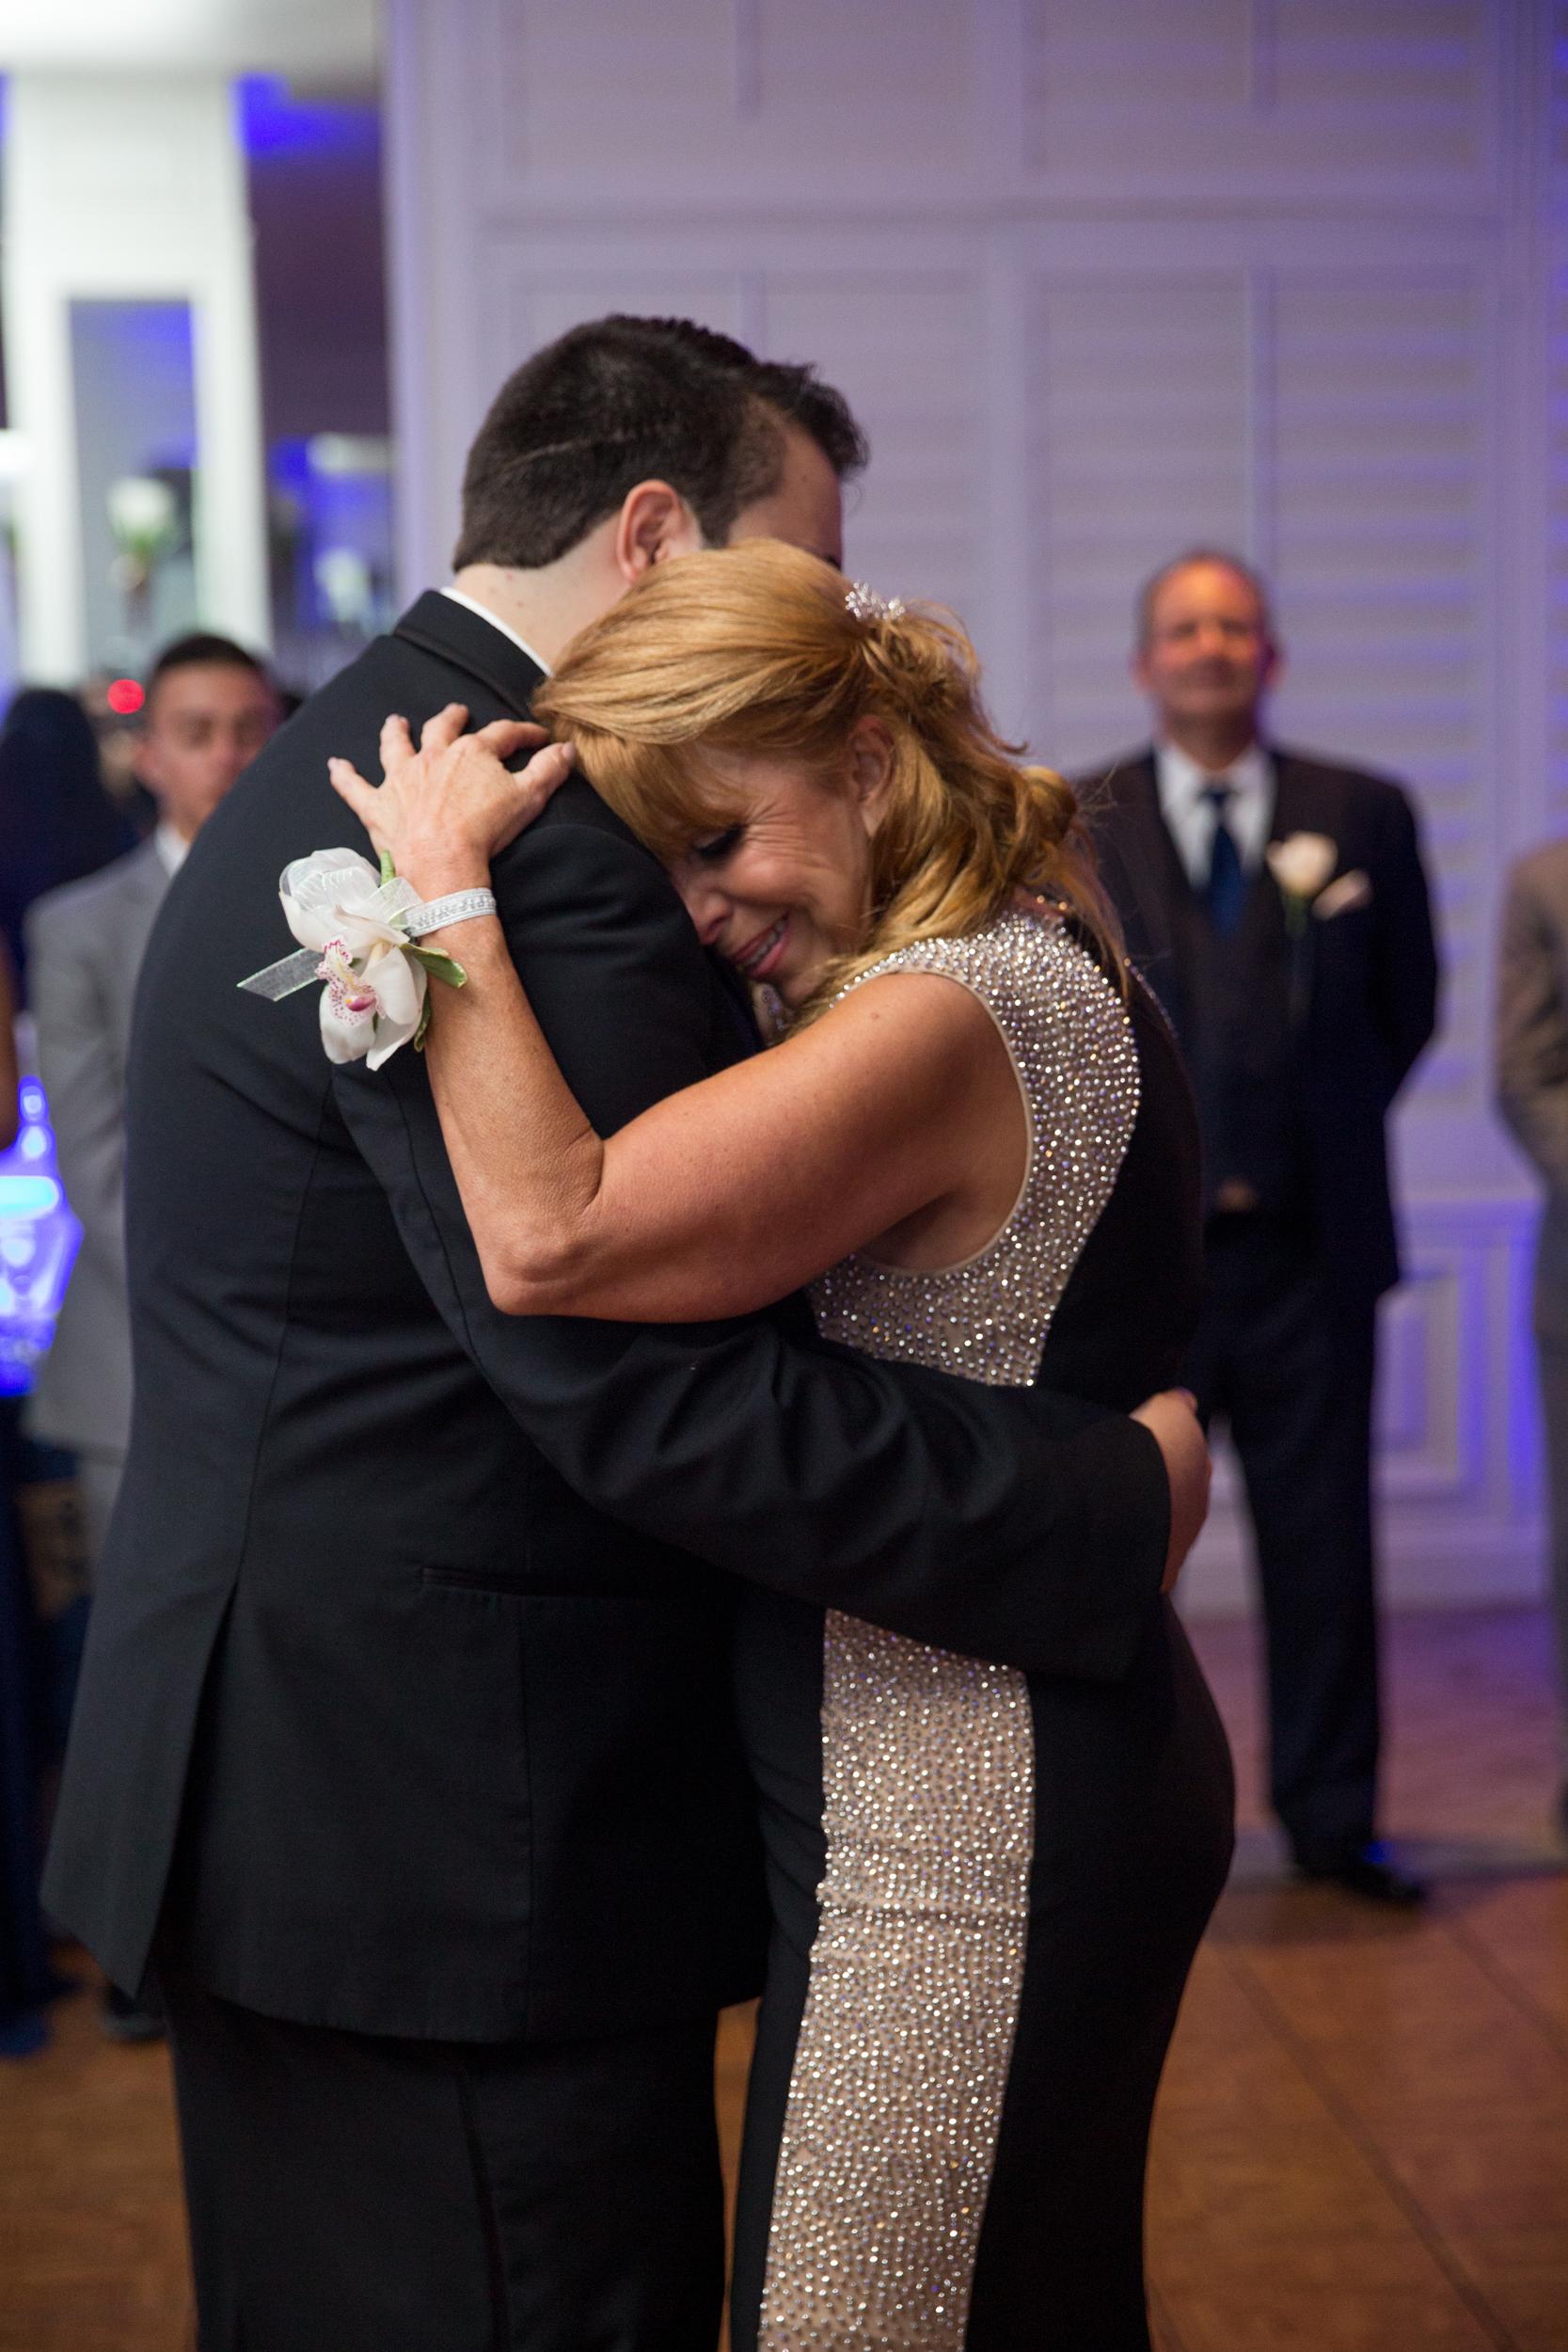 10-14-17_AshleyRichard_Wedding-125.jpg